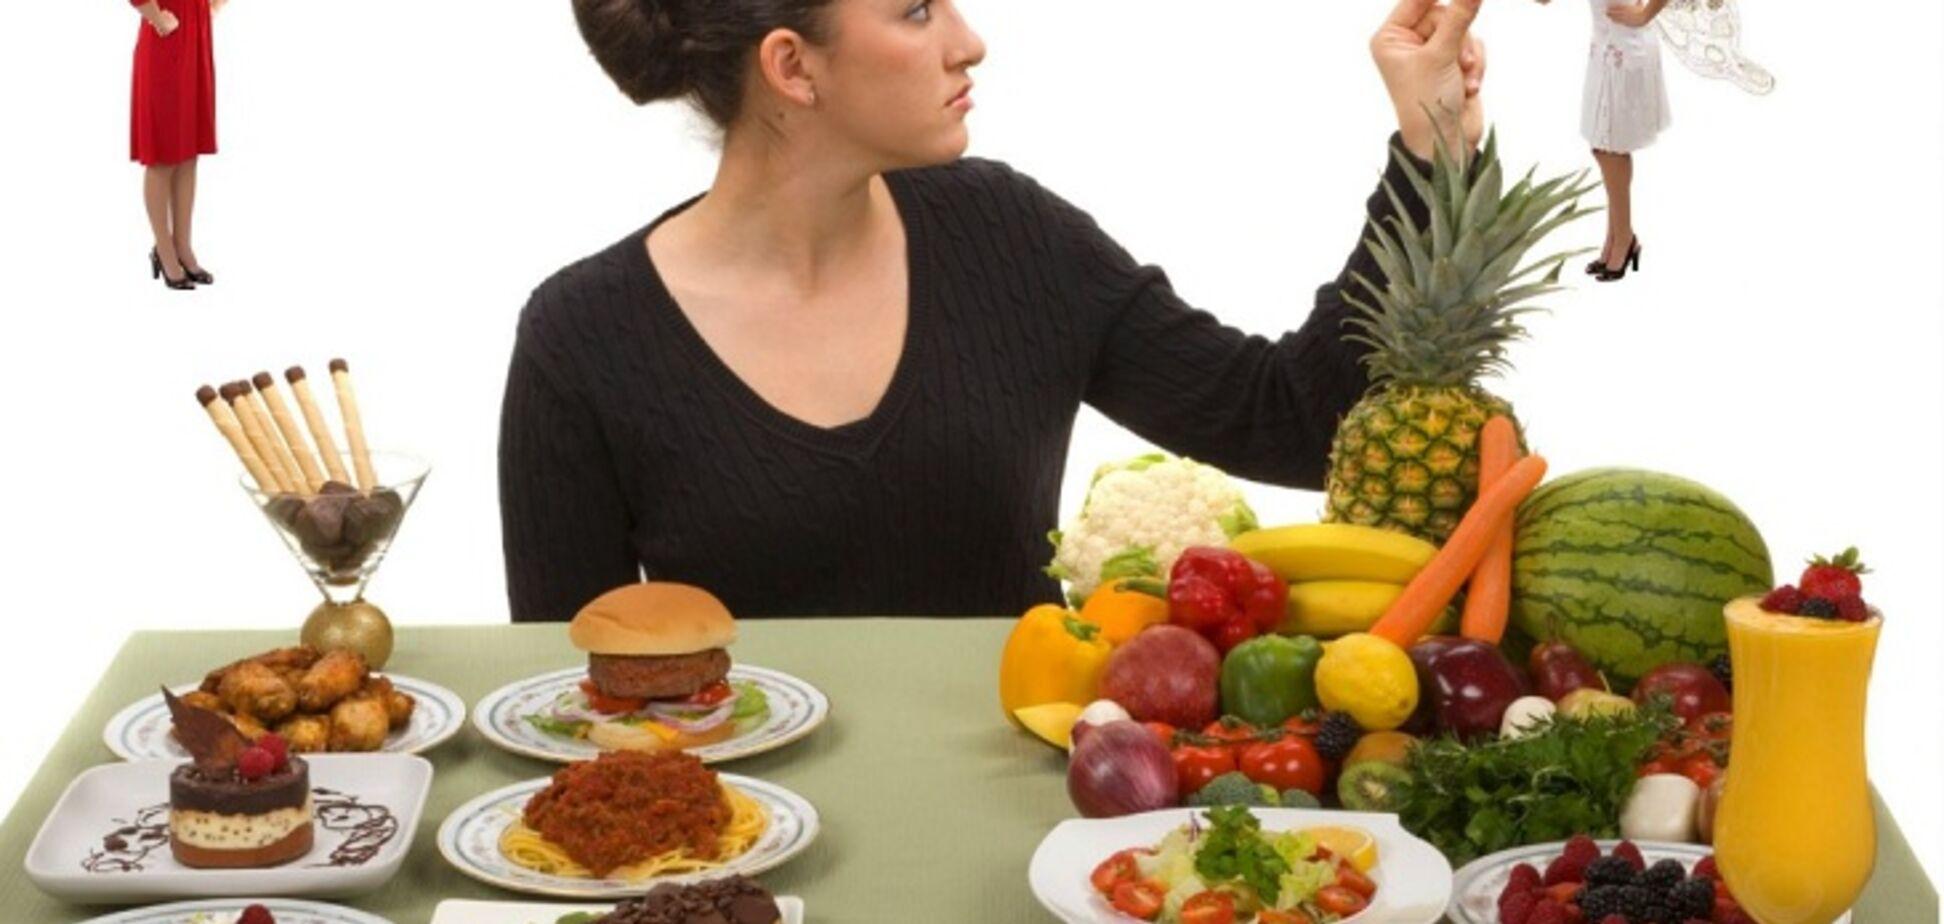 Чи потрібна сила волі для схуднення: генетик розповів, де її взяти